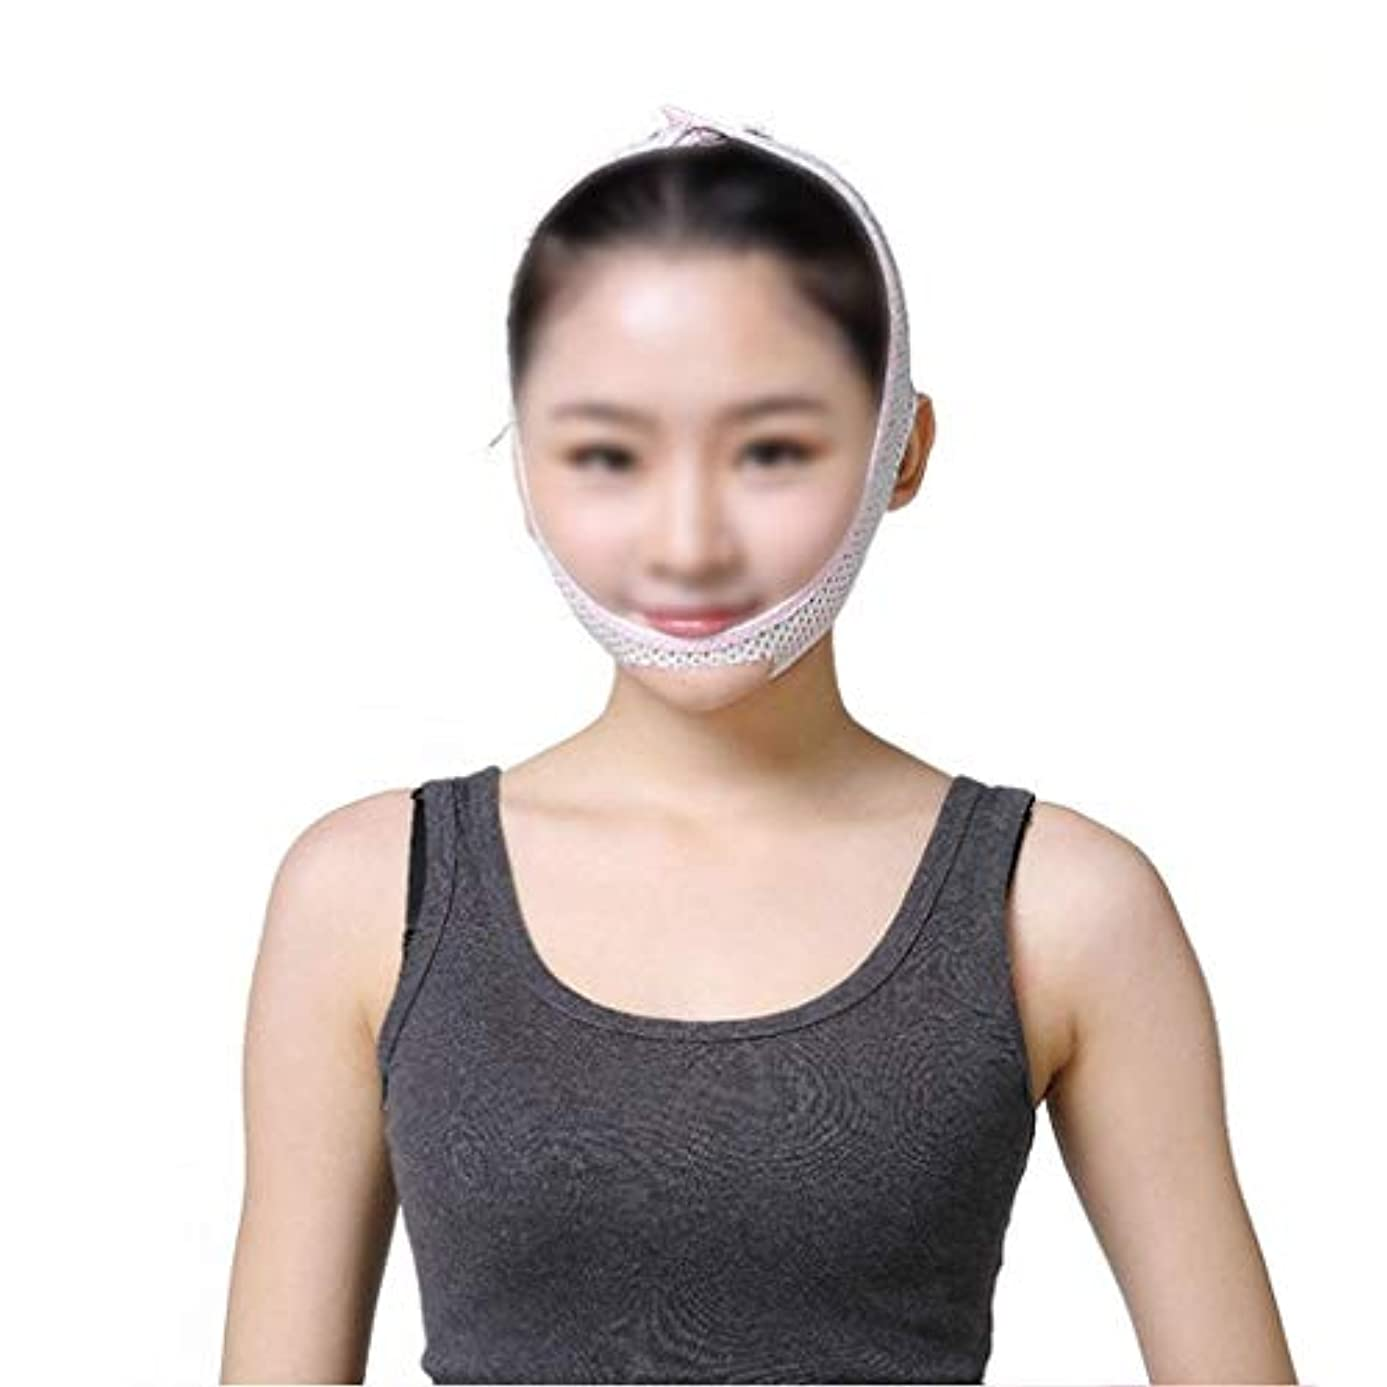 ネクタイペントロリーバスフェイスリフティングマスク、快適で リフティングスキンファーミングスリープシンフェイスアーティファクトアンチリンクル/リムーブダブルチン/術後回復マスク(サイズ:M)